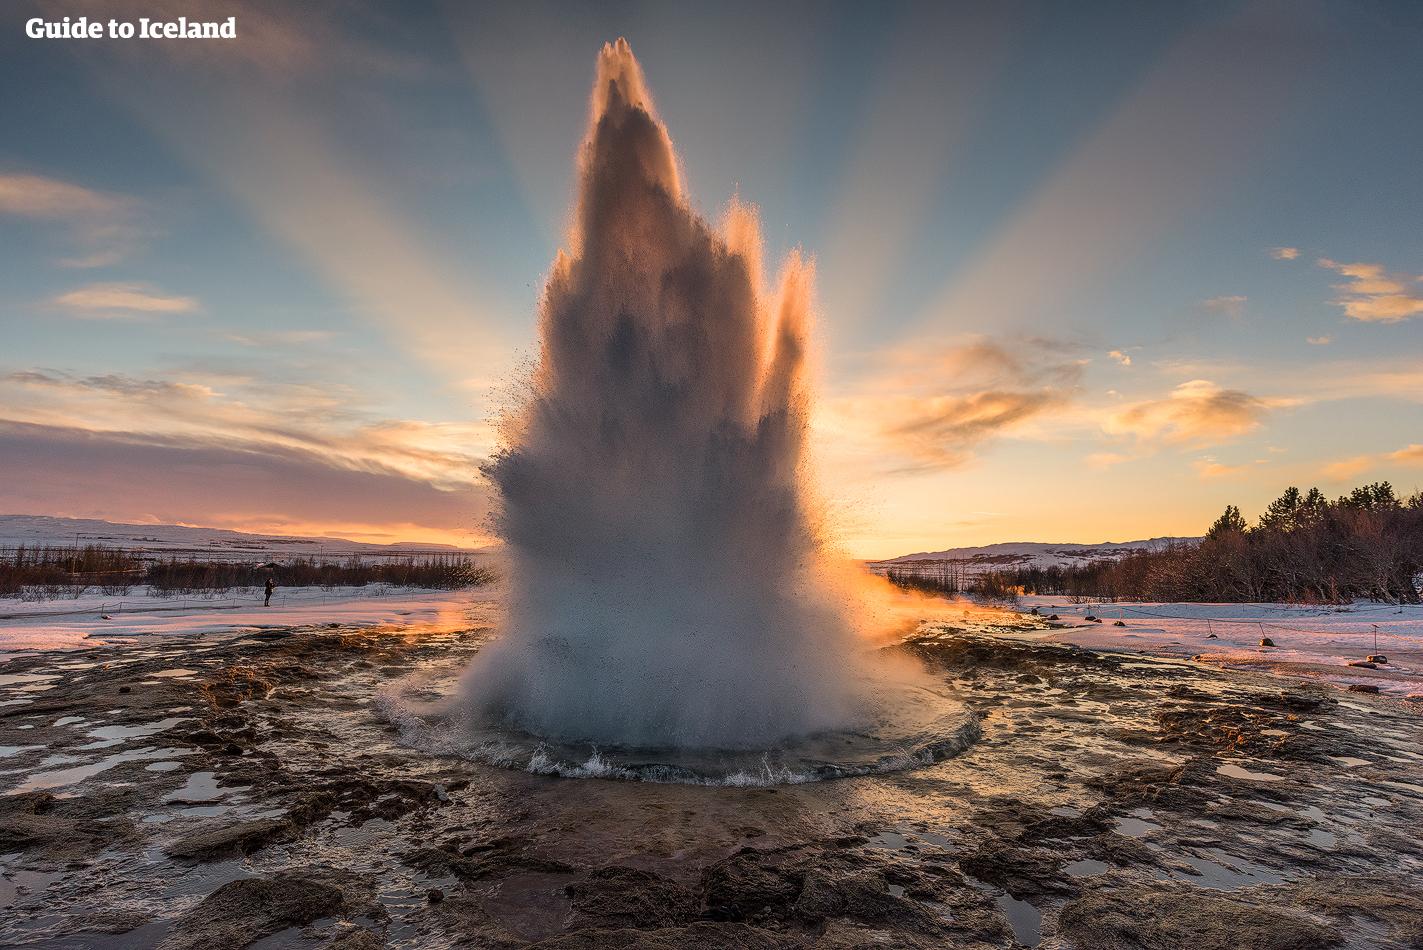 Quand partir en Islande ? | Meilleure période et météo associée